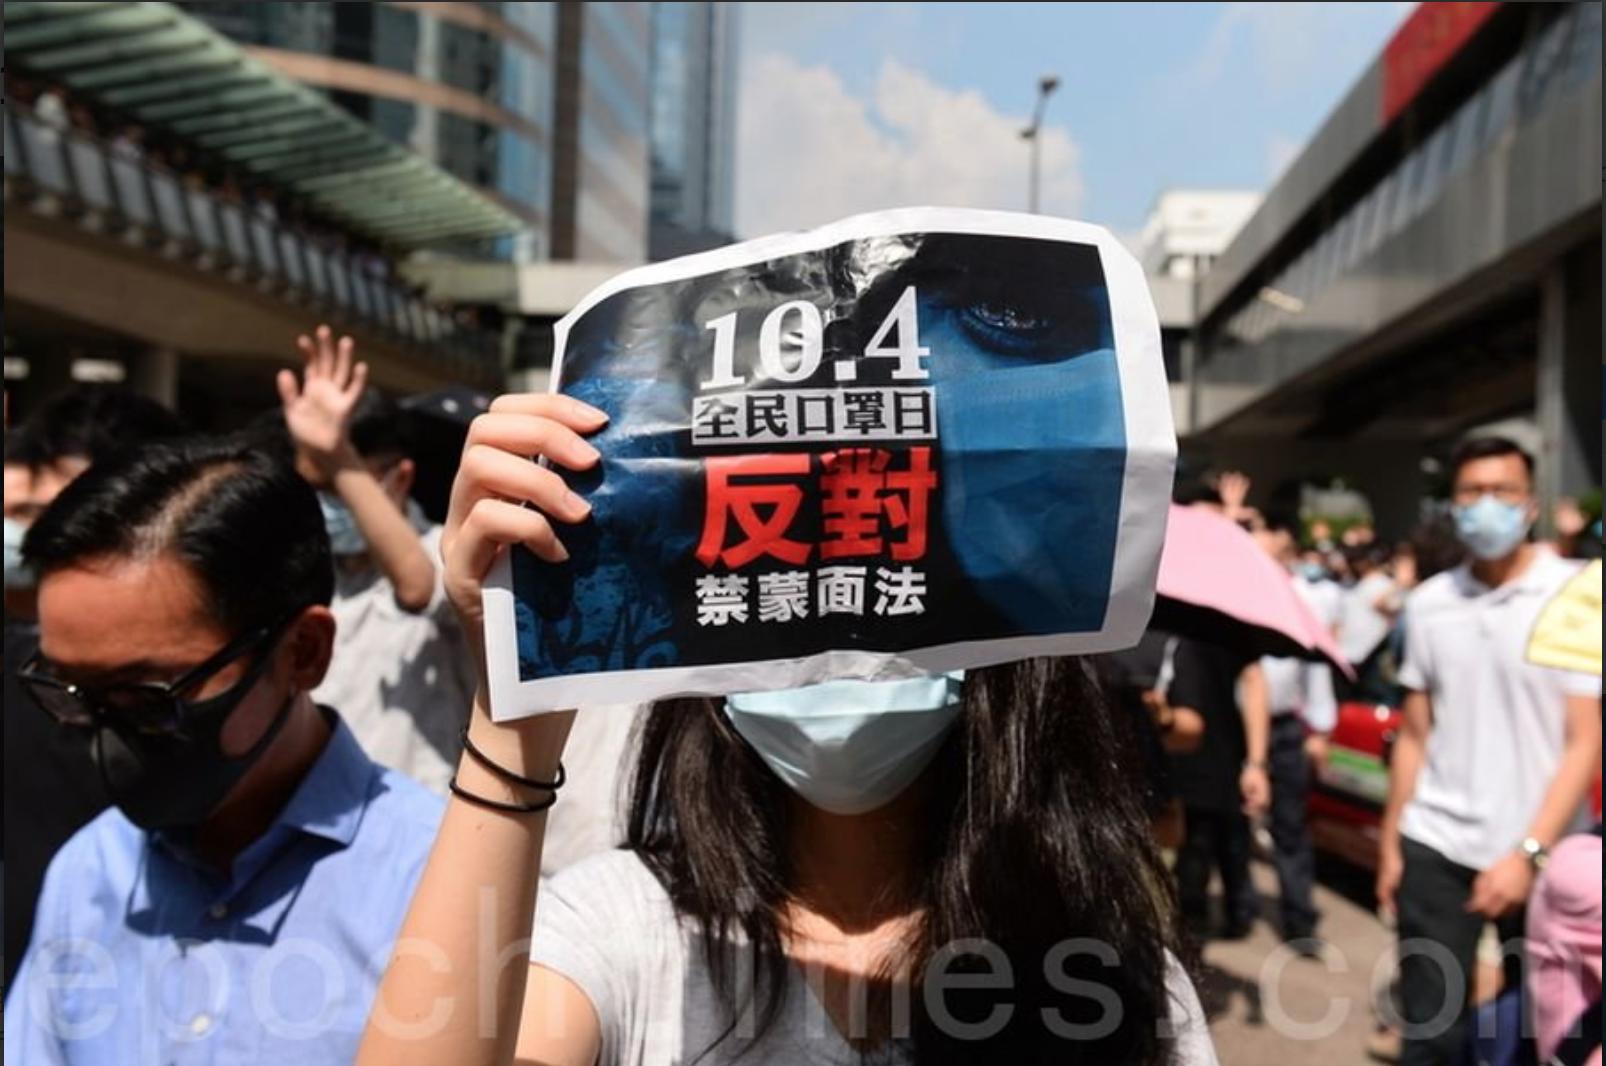 2019年10月4日,香港民間在遮打花園發起「反緊急法遊行」,表達反對《禁蒙面法》及表達「五大訴求 缺一不可」的要求。(宋碧龍 / 大紀元)